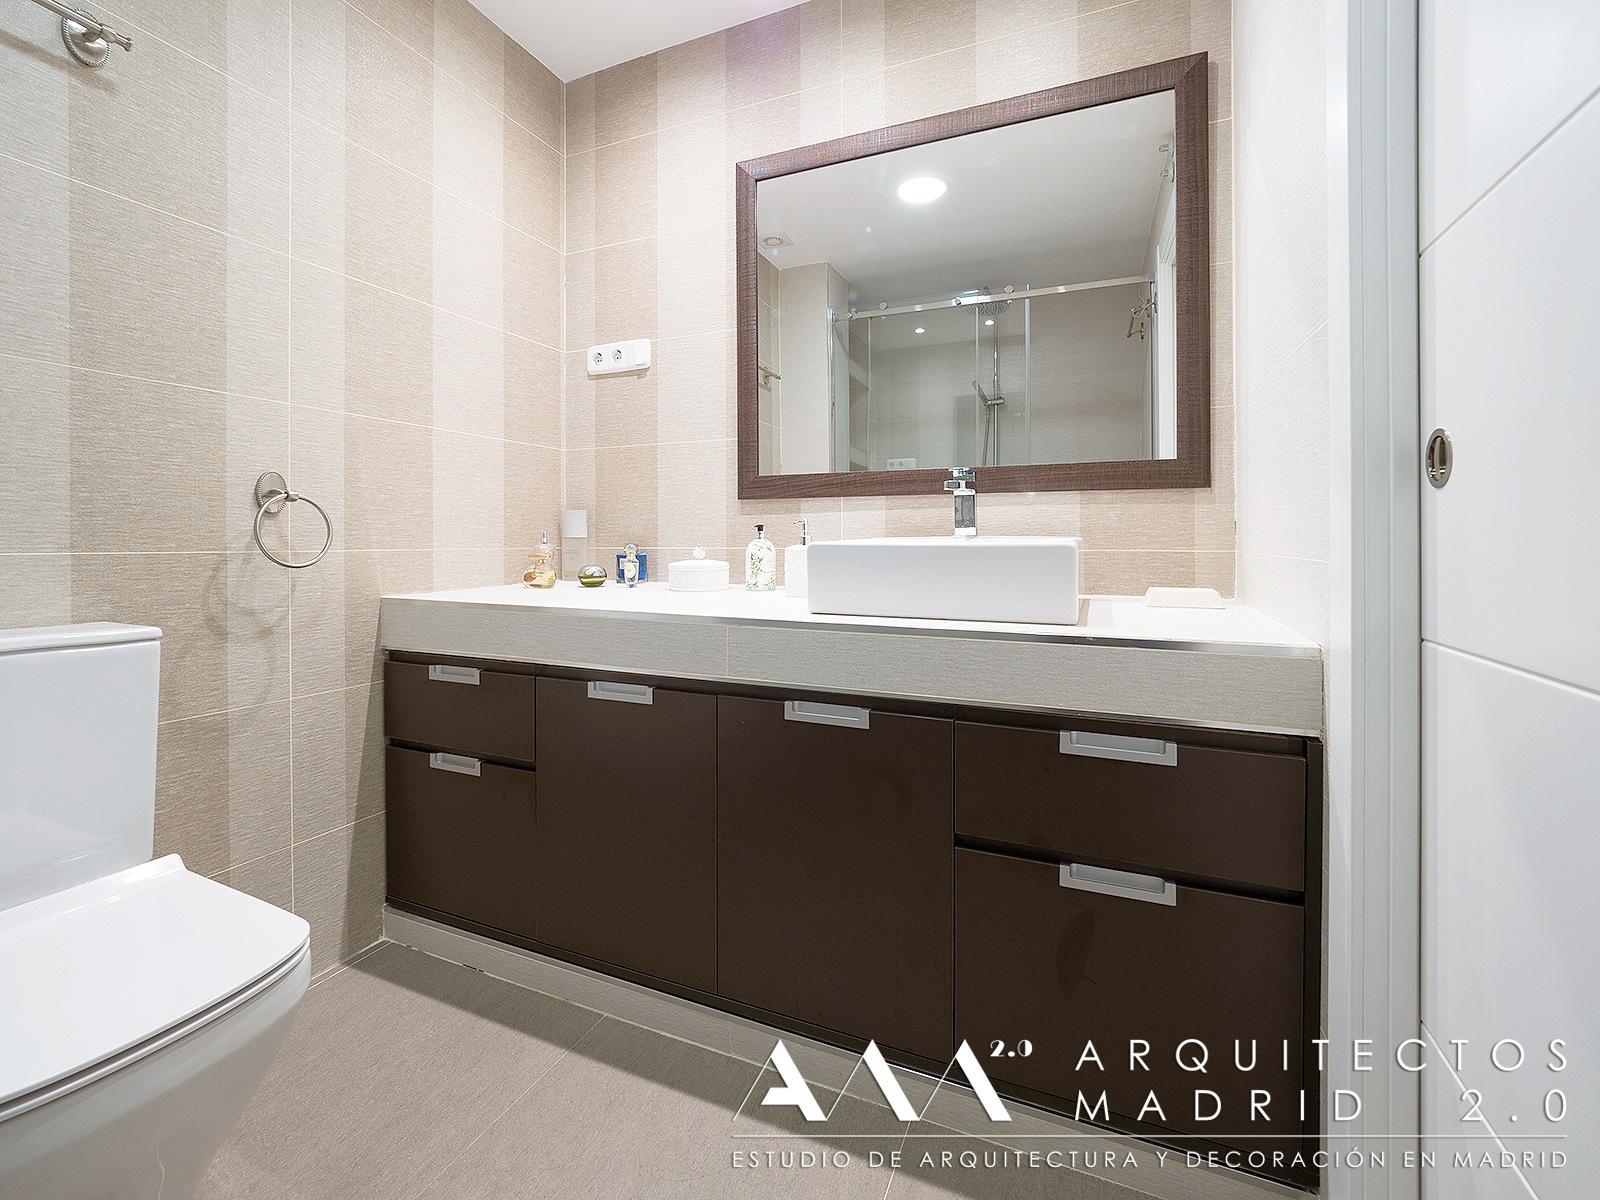 reforma-convertir-oficina-en-vivienda-arquitectos-madrid-15